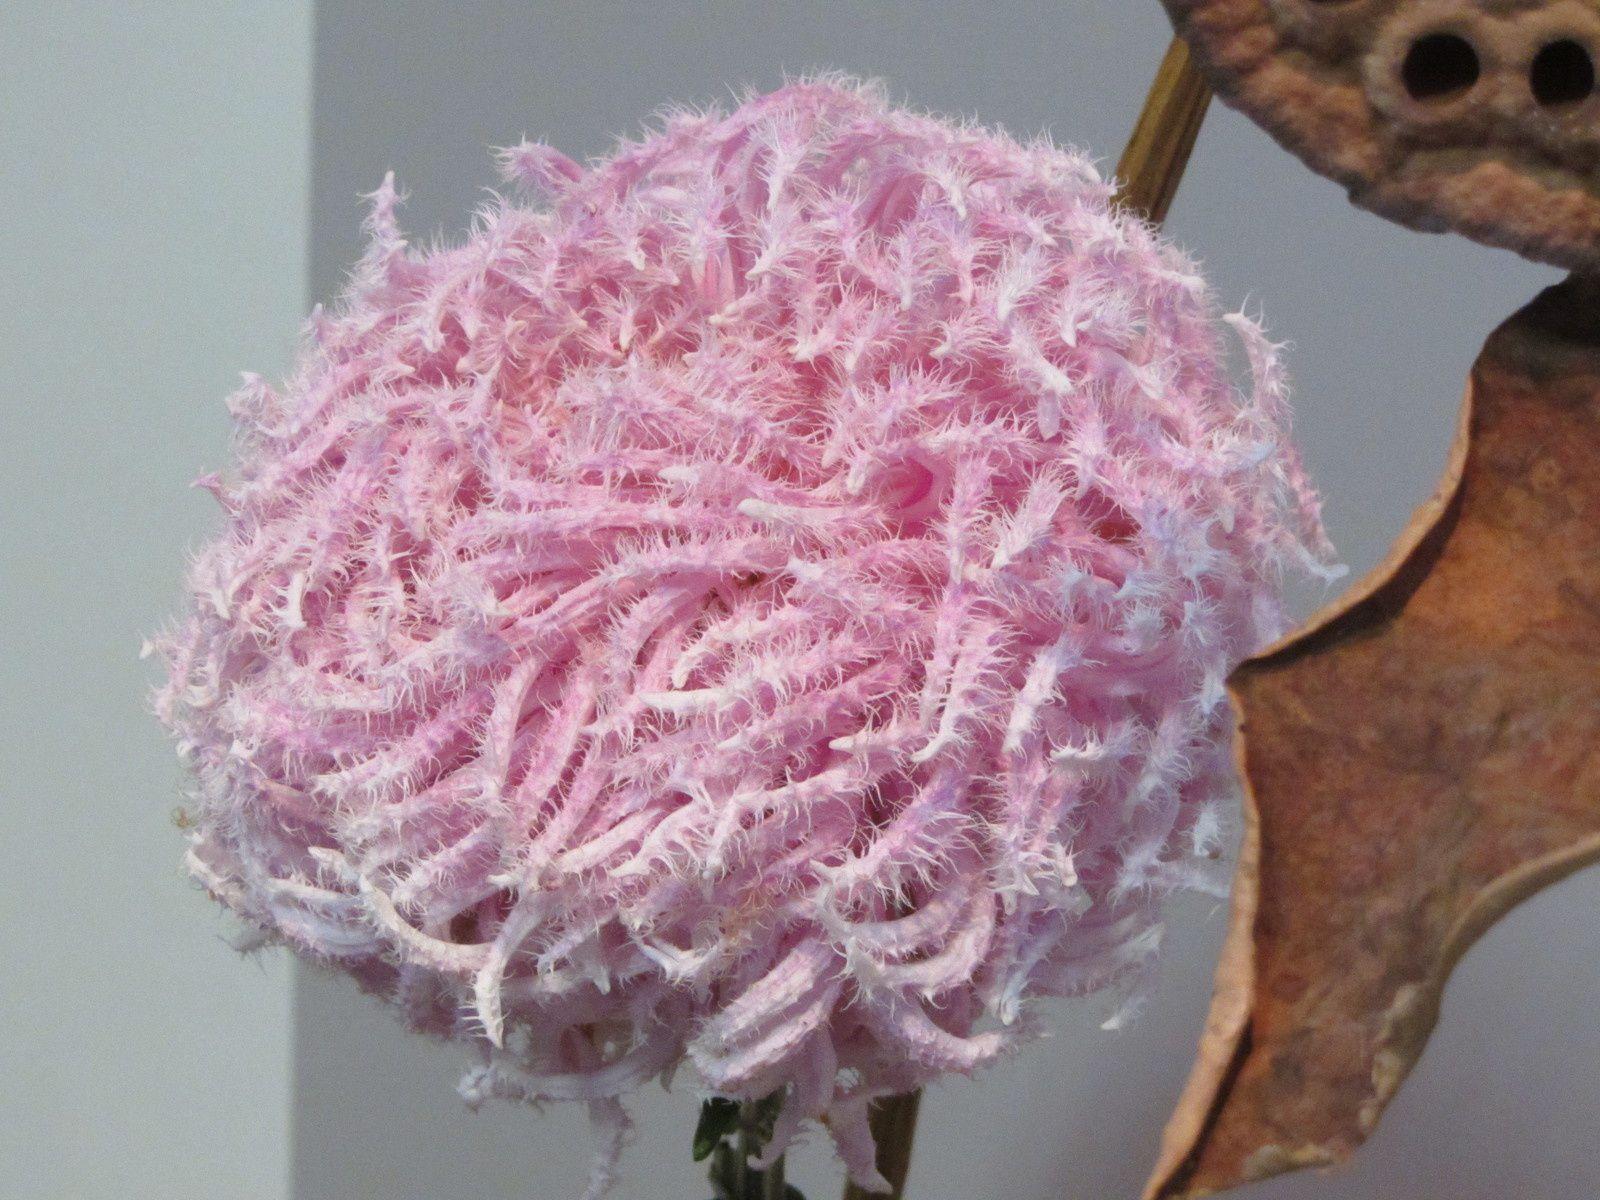 Chrysanthème duveteuse.